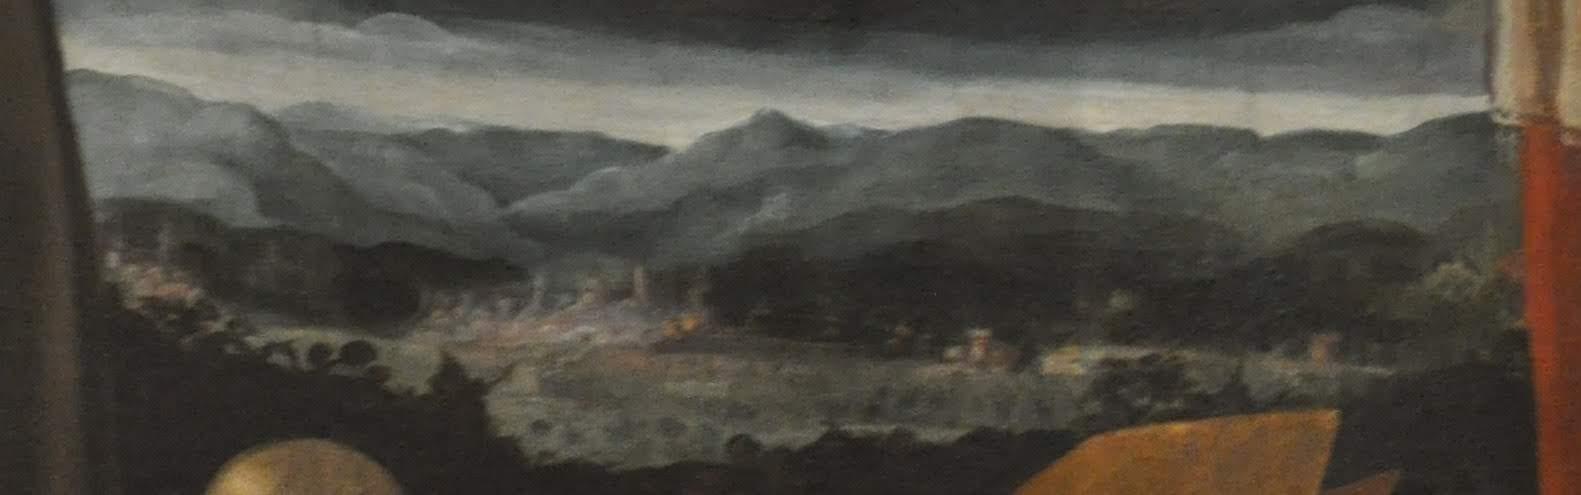 madonna di loreto, via lauretana